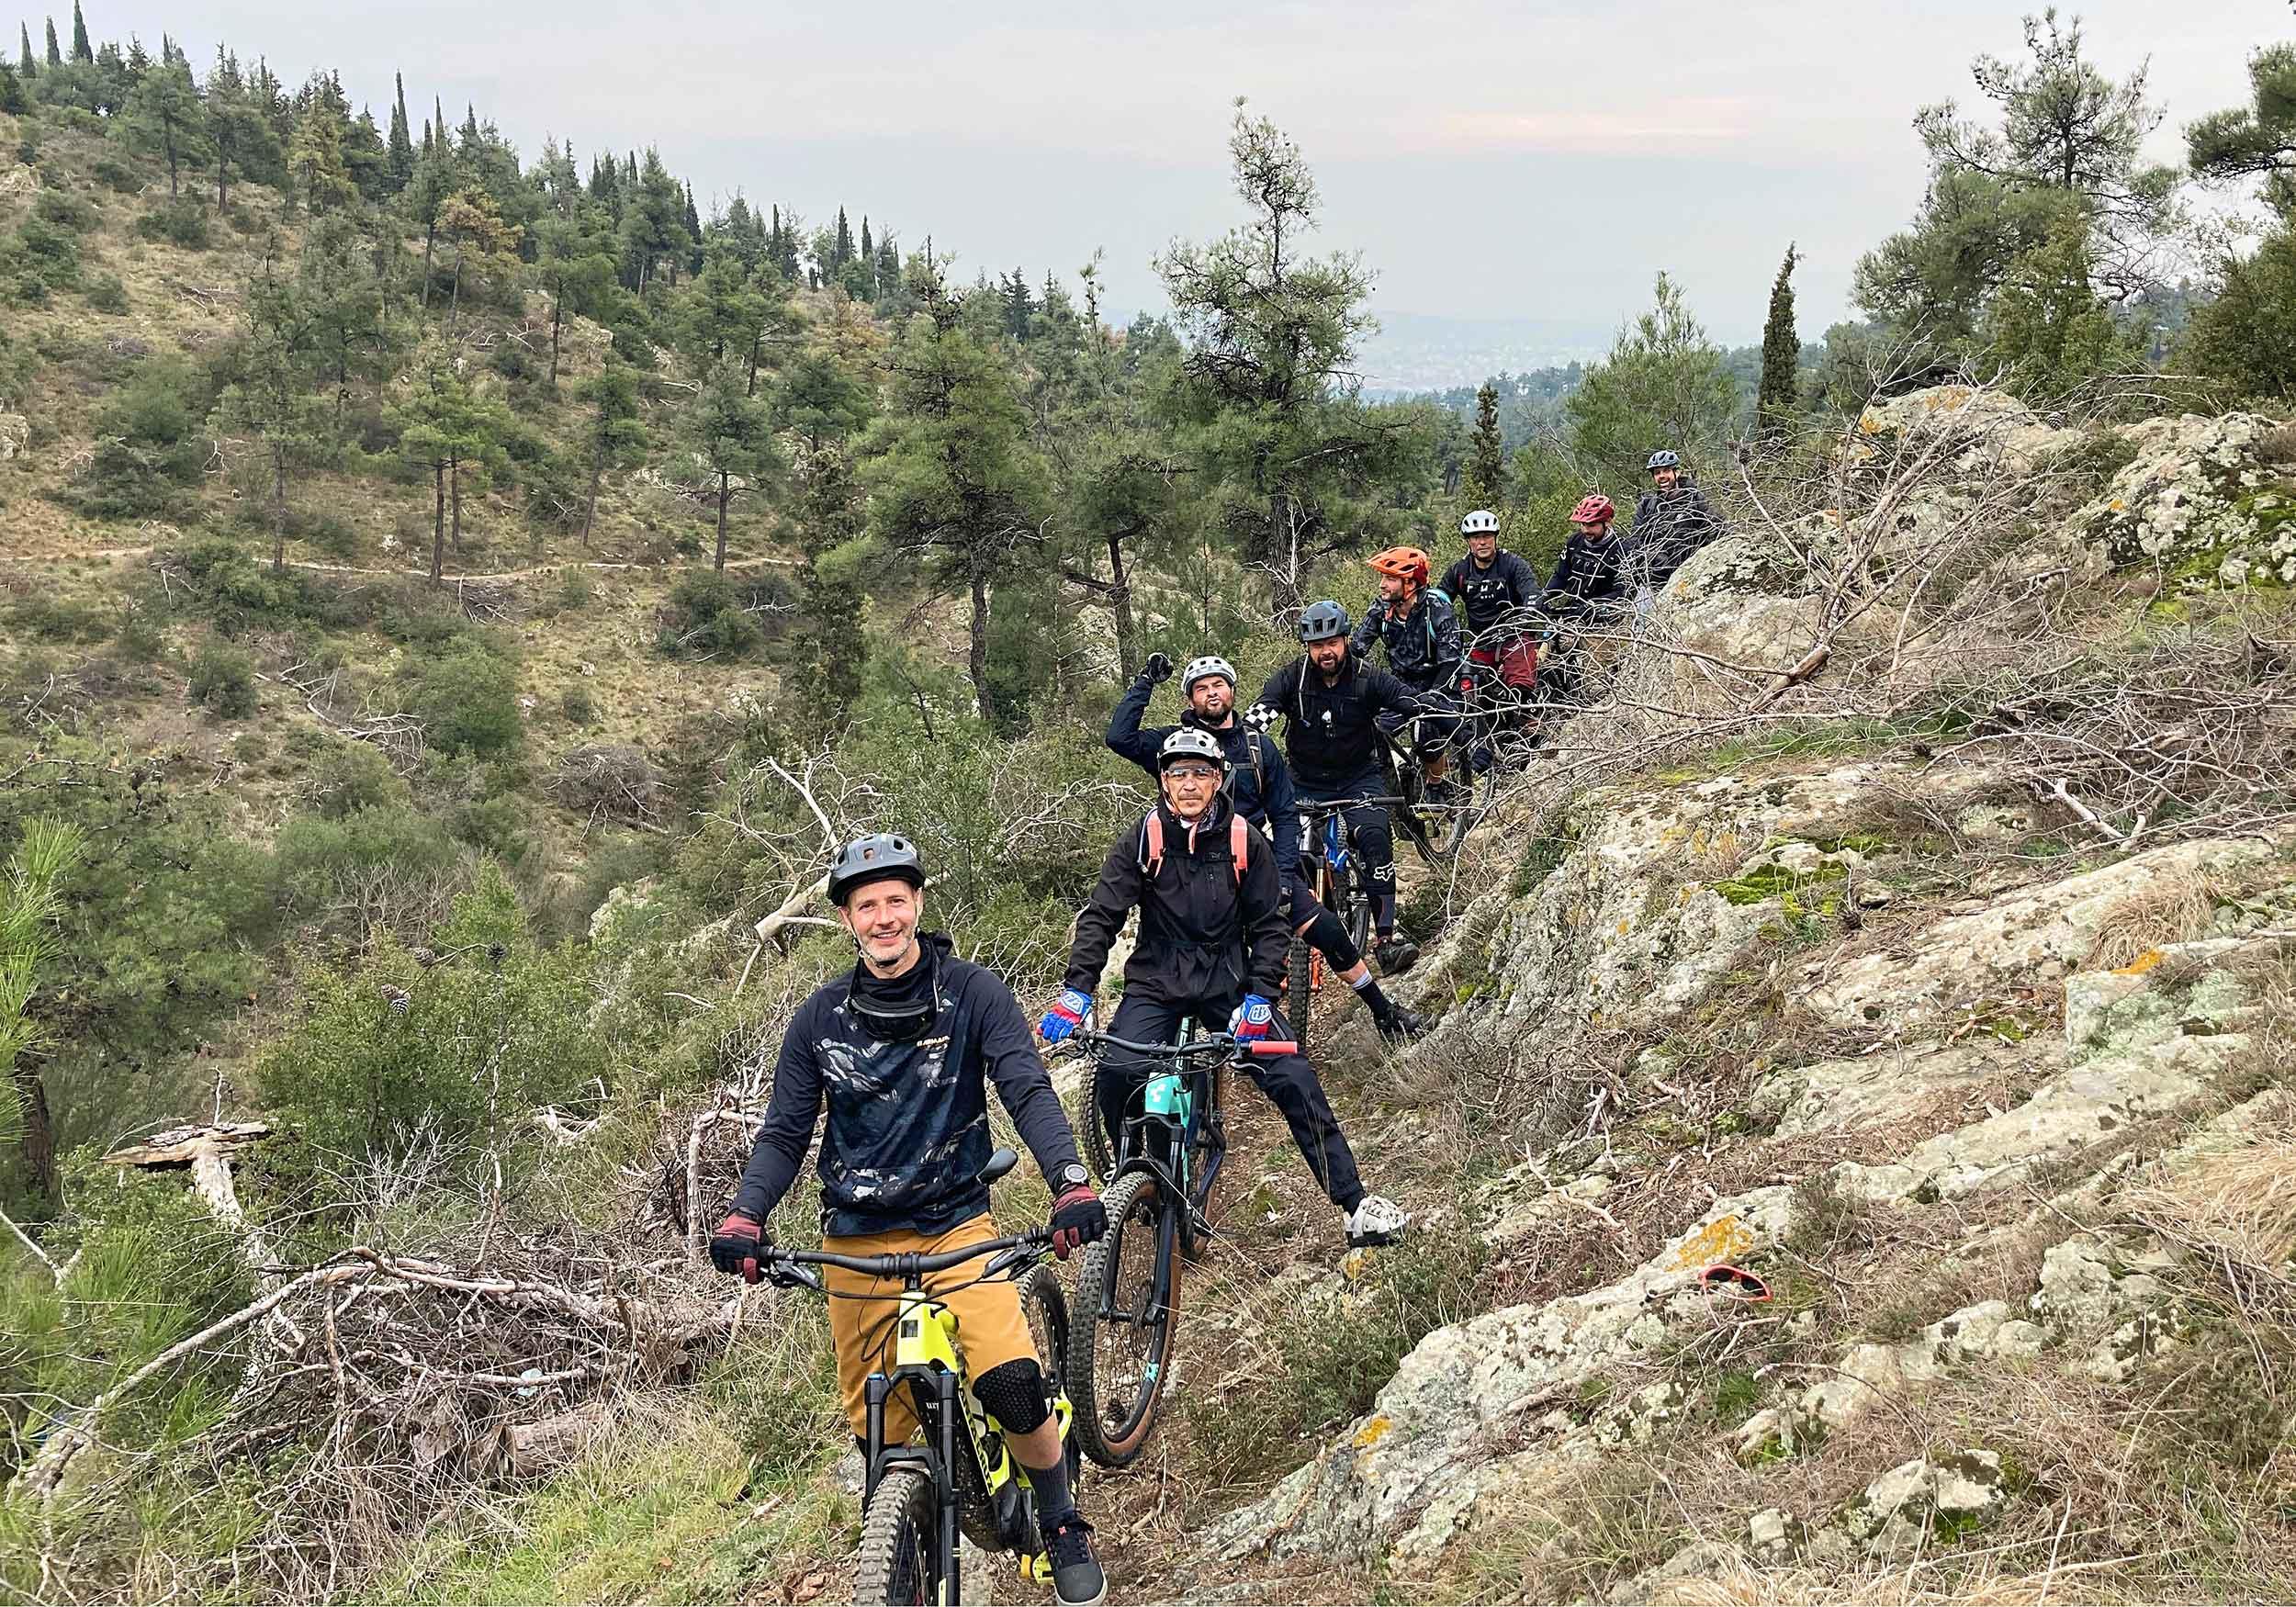 Erwachsene beim E-bike fahren am Berg